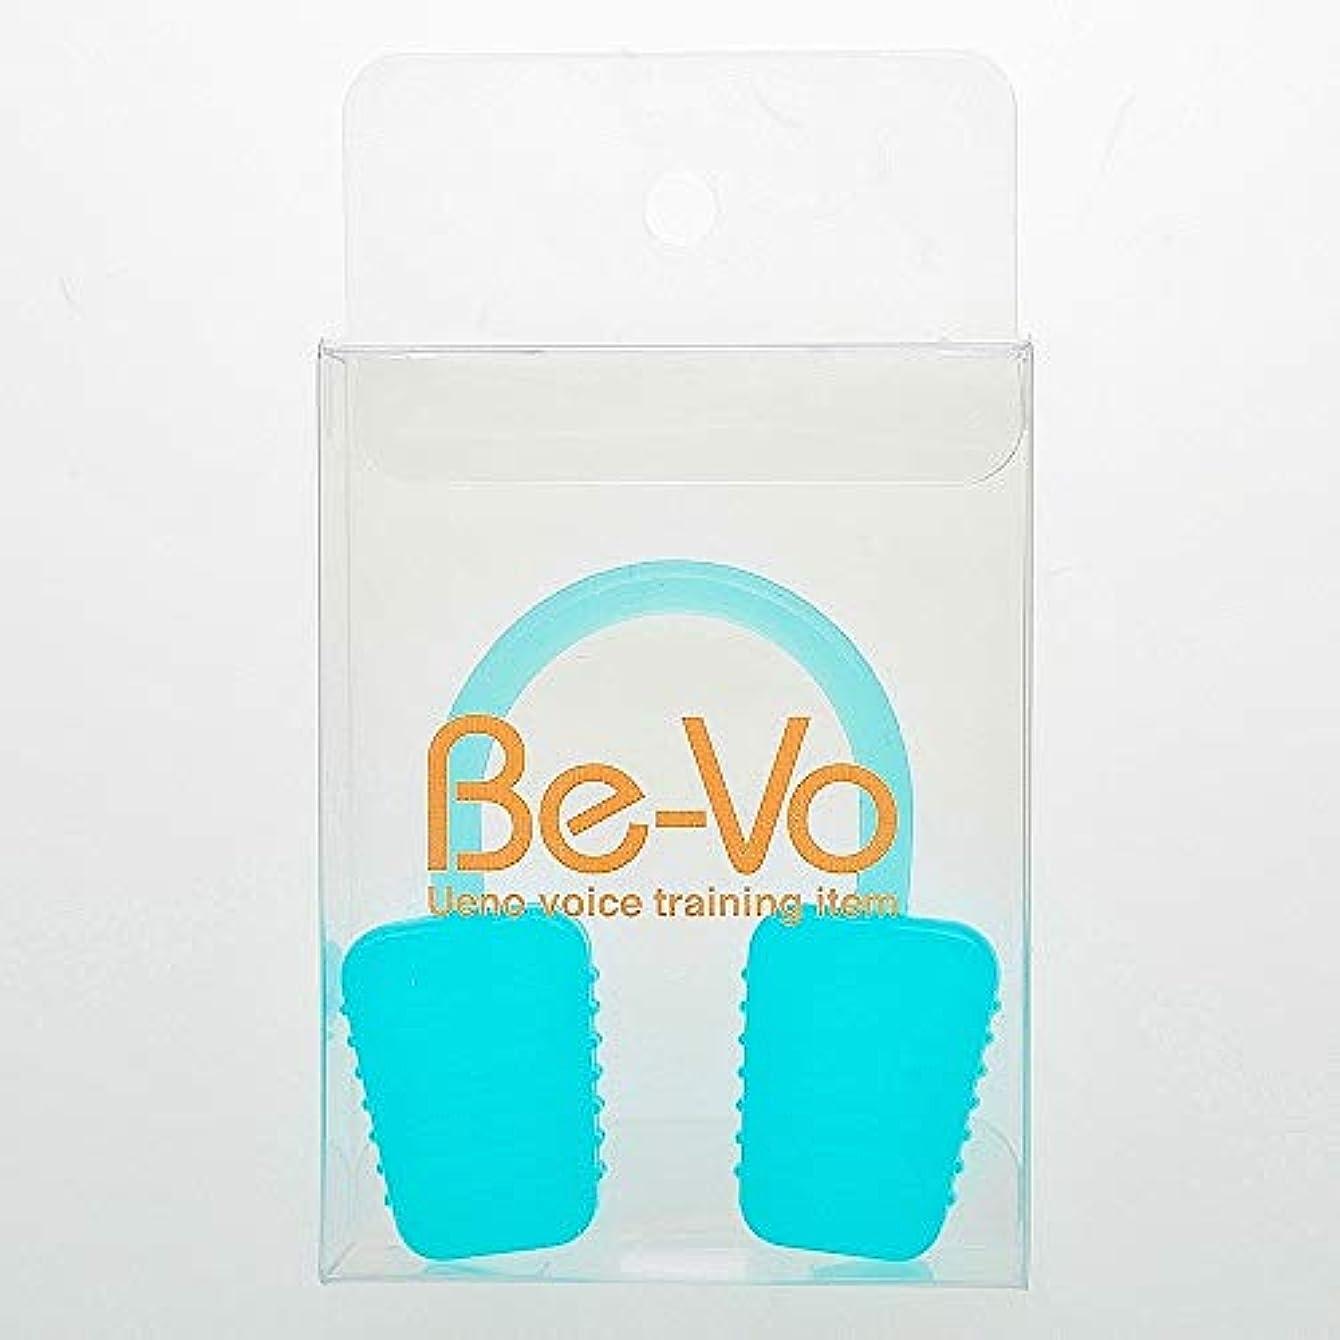 地理スツール一晩Be-Vo (ビーボ) ボイストレーニング器具 自宅で簡単ボイトレグッズ (ブルー)